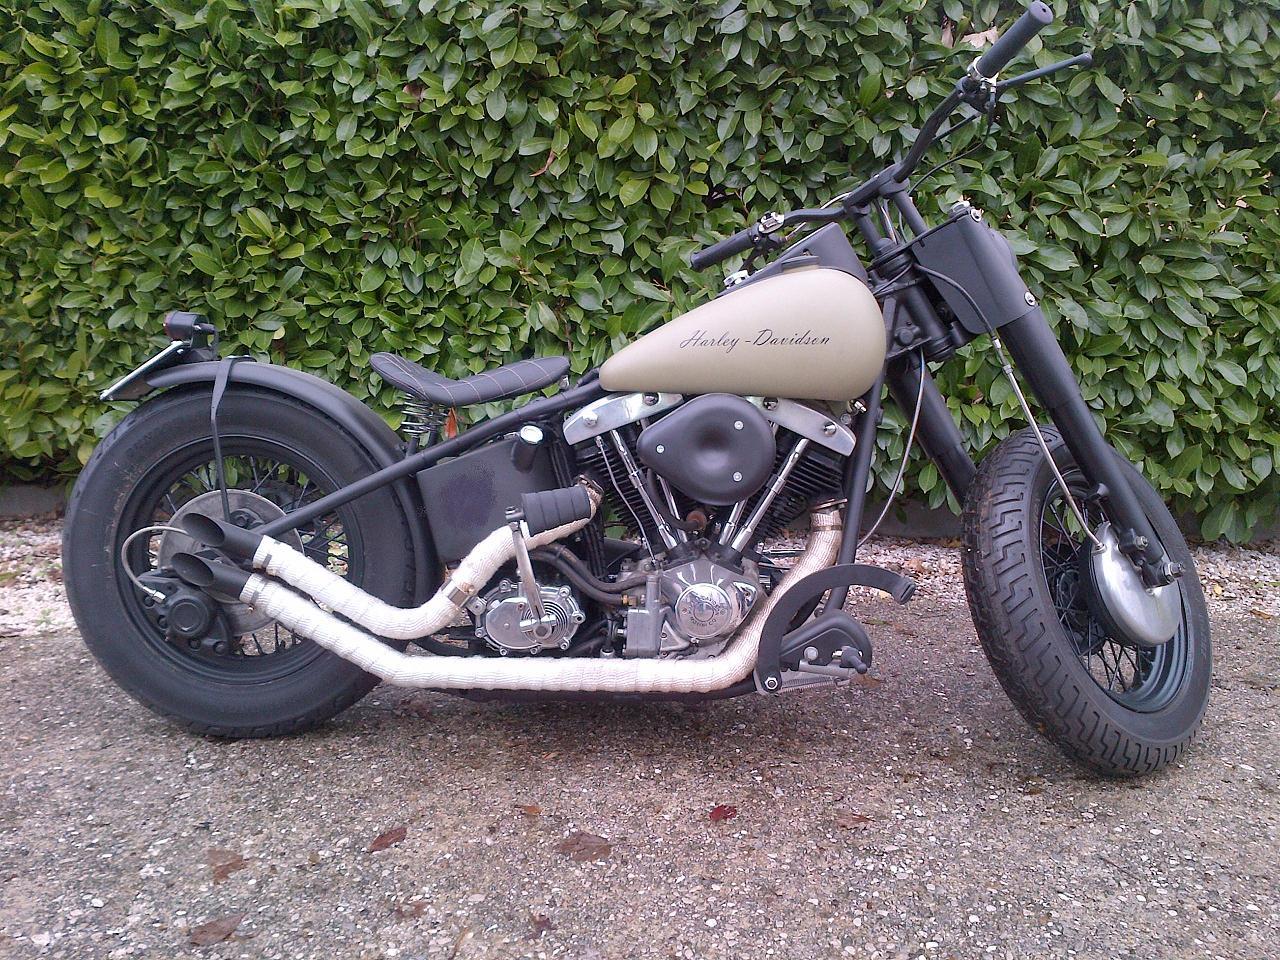 PinkDreamland Retro del Motociclo di Harley Half-Shell del Casco DOT Adulto Uomini E Donne Leggero in Fibra di Vetro della Bicicletta Beach Bike 3//4 del Fronte Casco del Motociclo,A,M